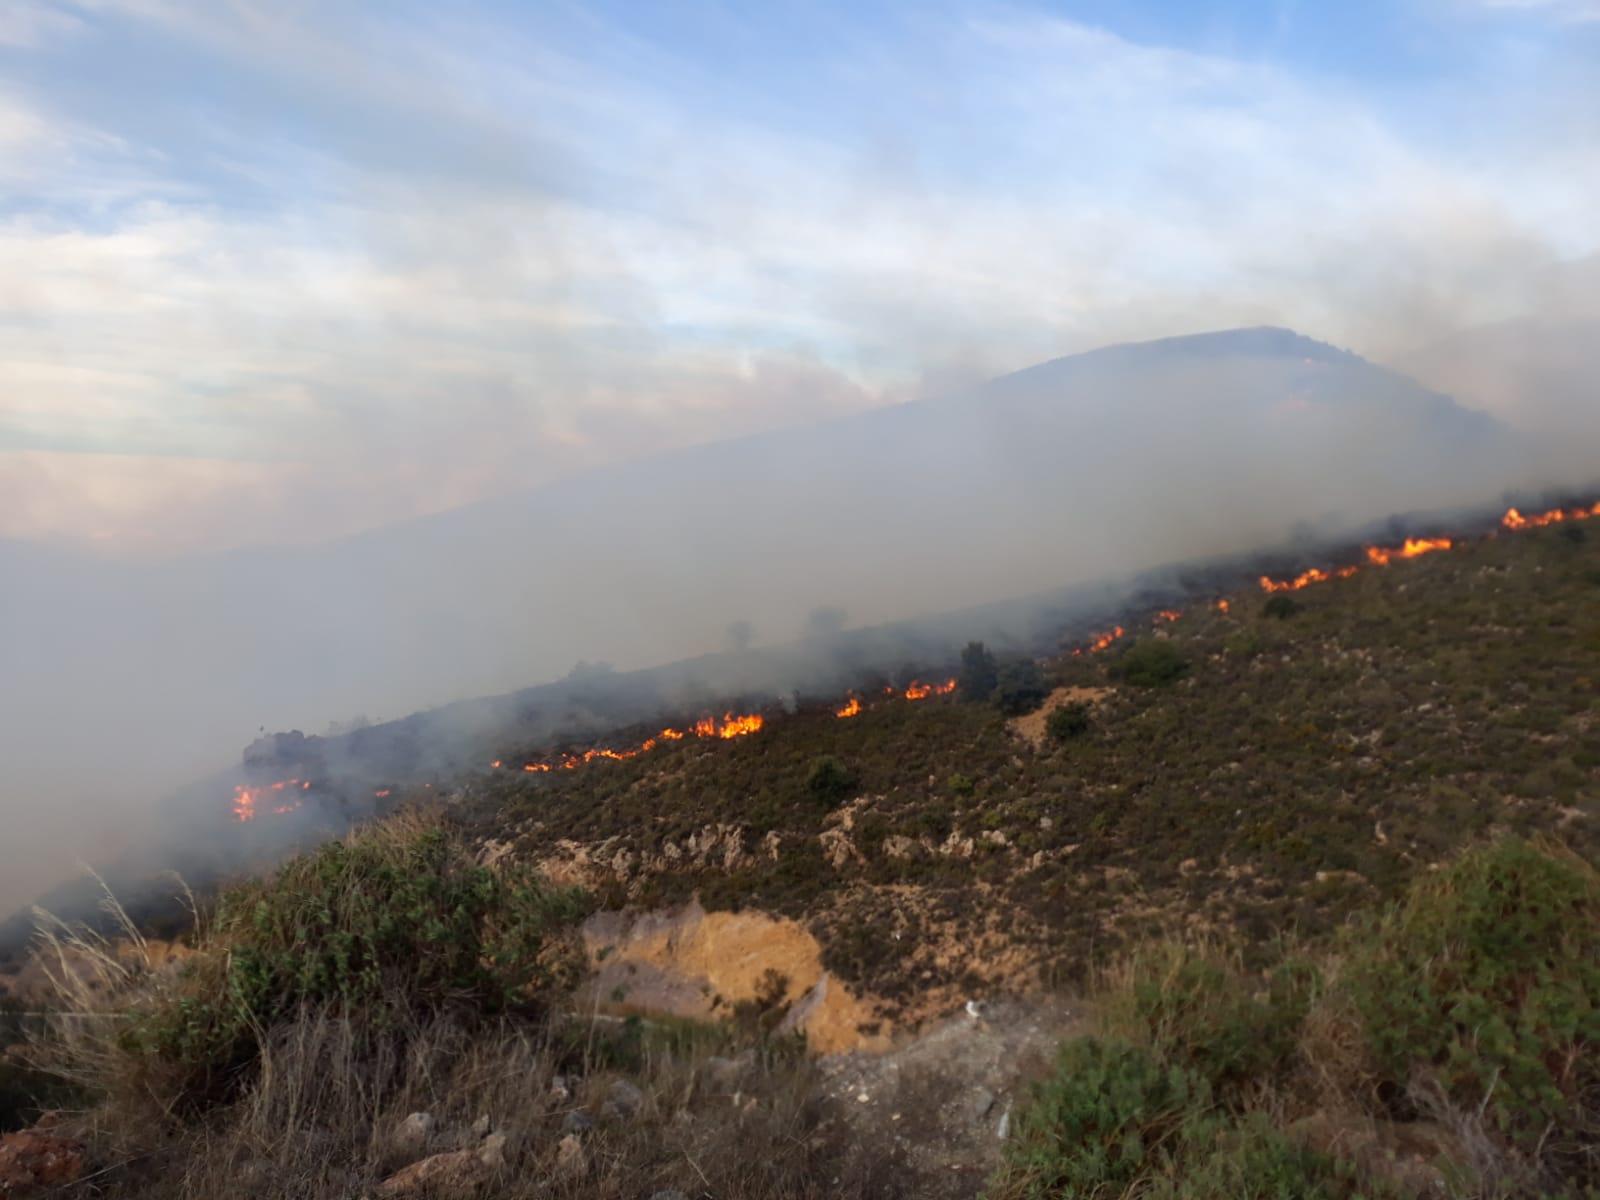 Activado el nivel 1 del Plan de Emergencias por el incendio de Juviles que ya moviliza 70 bomberos